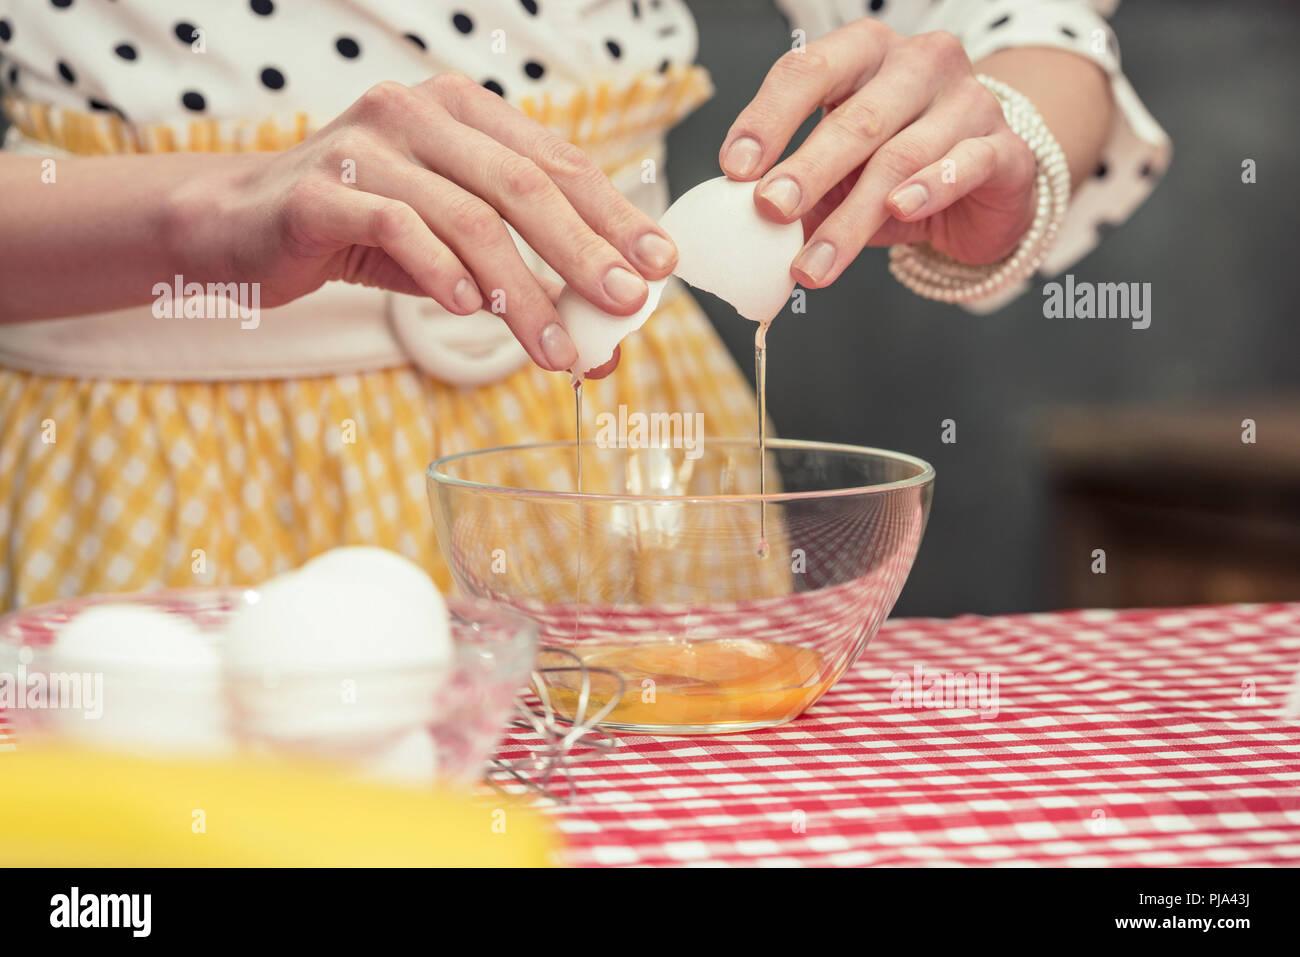 7/8 Schuß von Hausfrau in Polka Dot Shirt, das Ei in die Schüssel für Omelette Stockbild